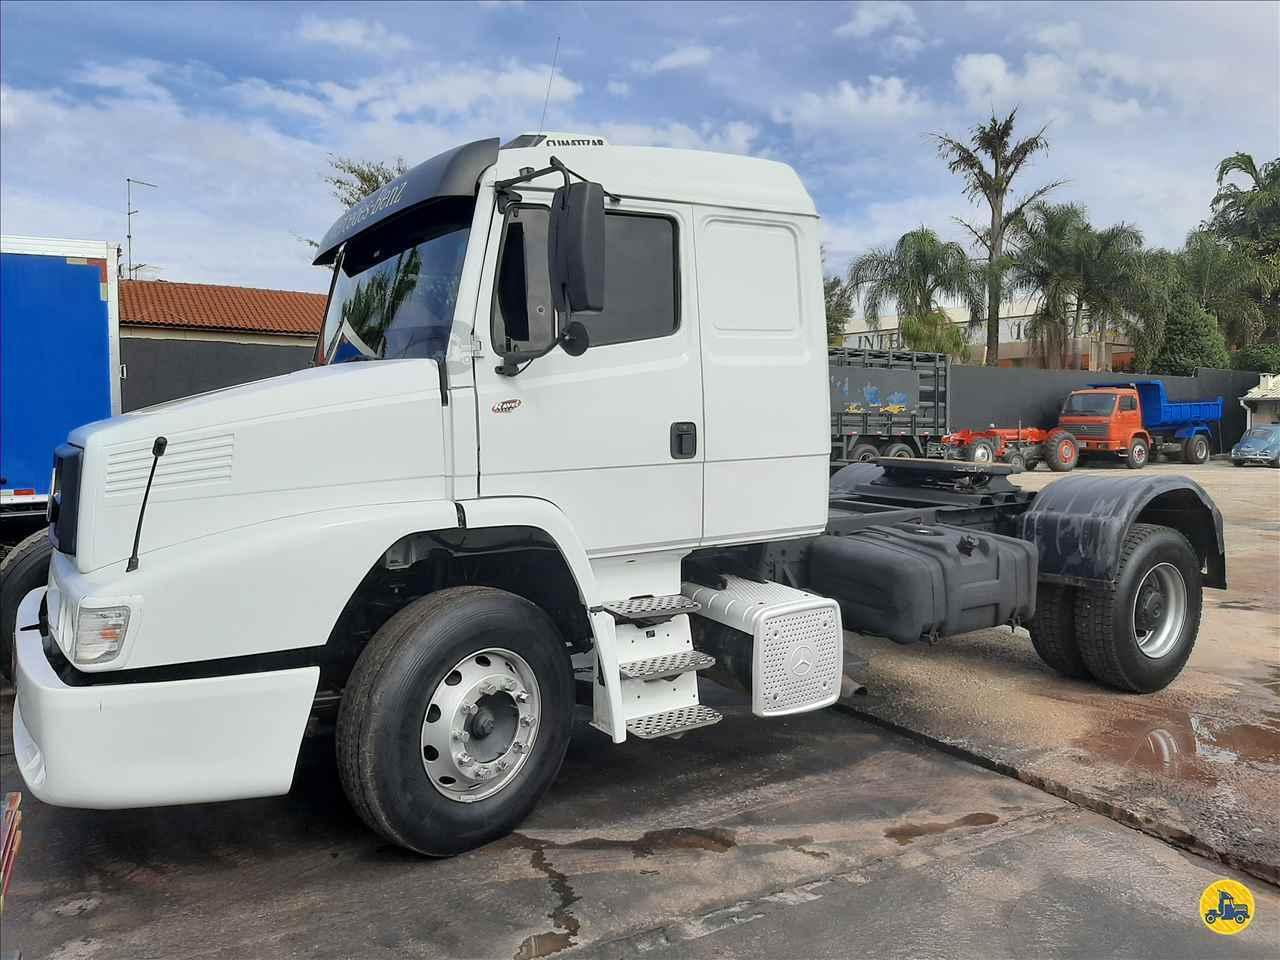 CAMINHAO MERCEDES-BENZ MB 1634 Cavalo Mecânico Toco 4x2 Ravel Trucks CRAVINHOS SÃO PAULO SP